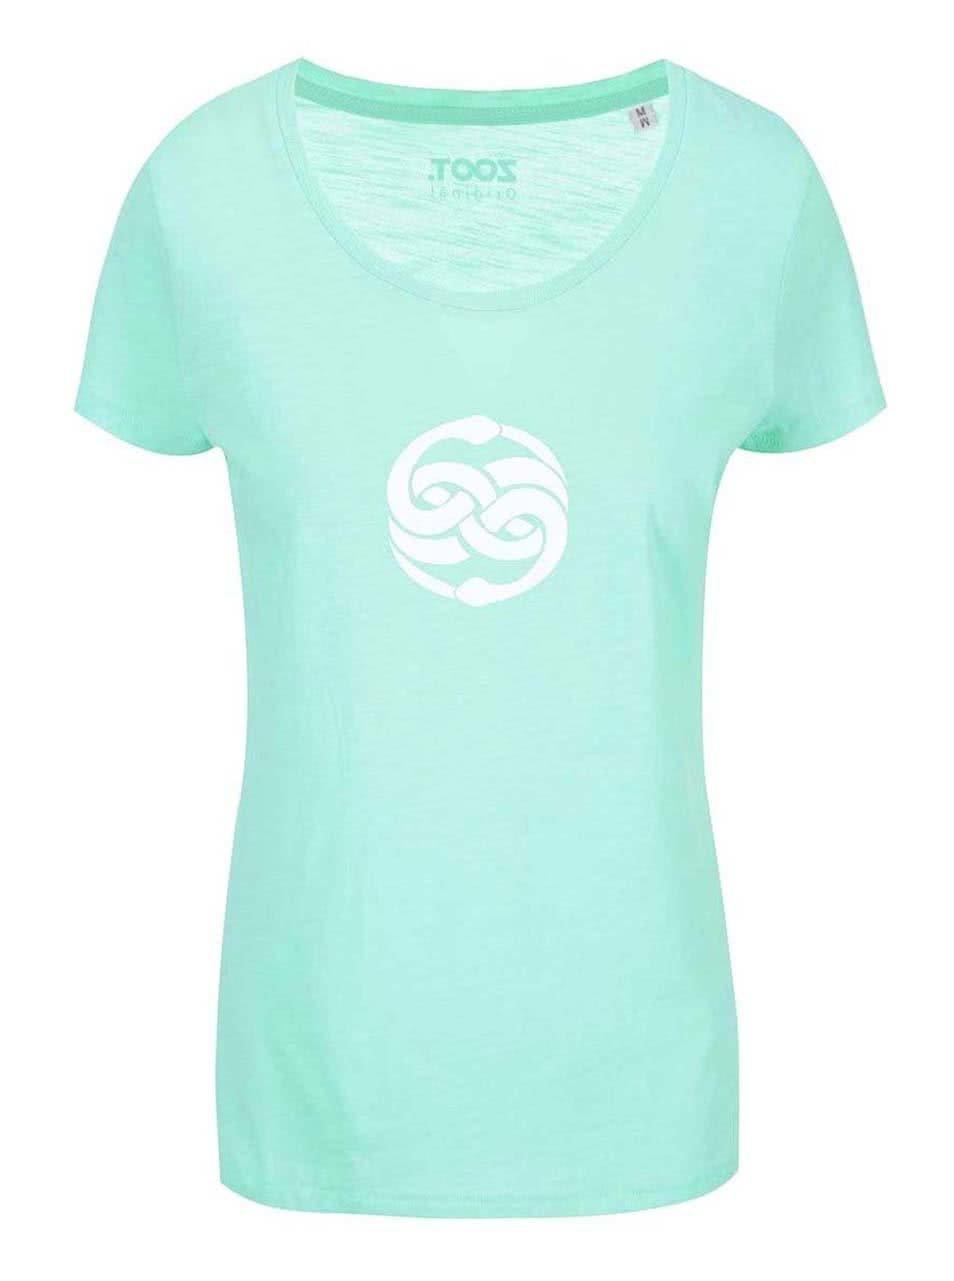 8895a96b4bf2 Zelené dámske tričko s potlačou ZOOT Originál Orin ...